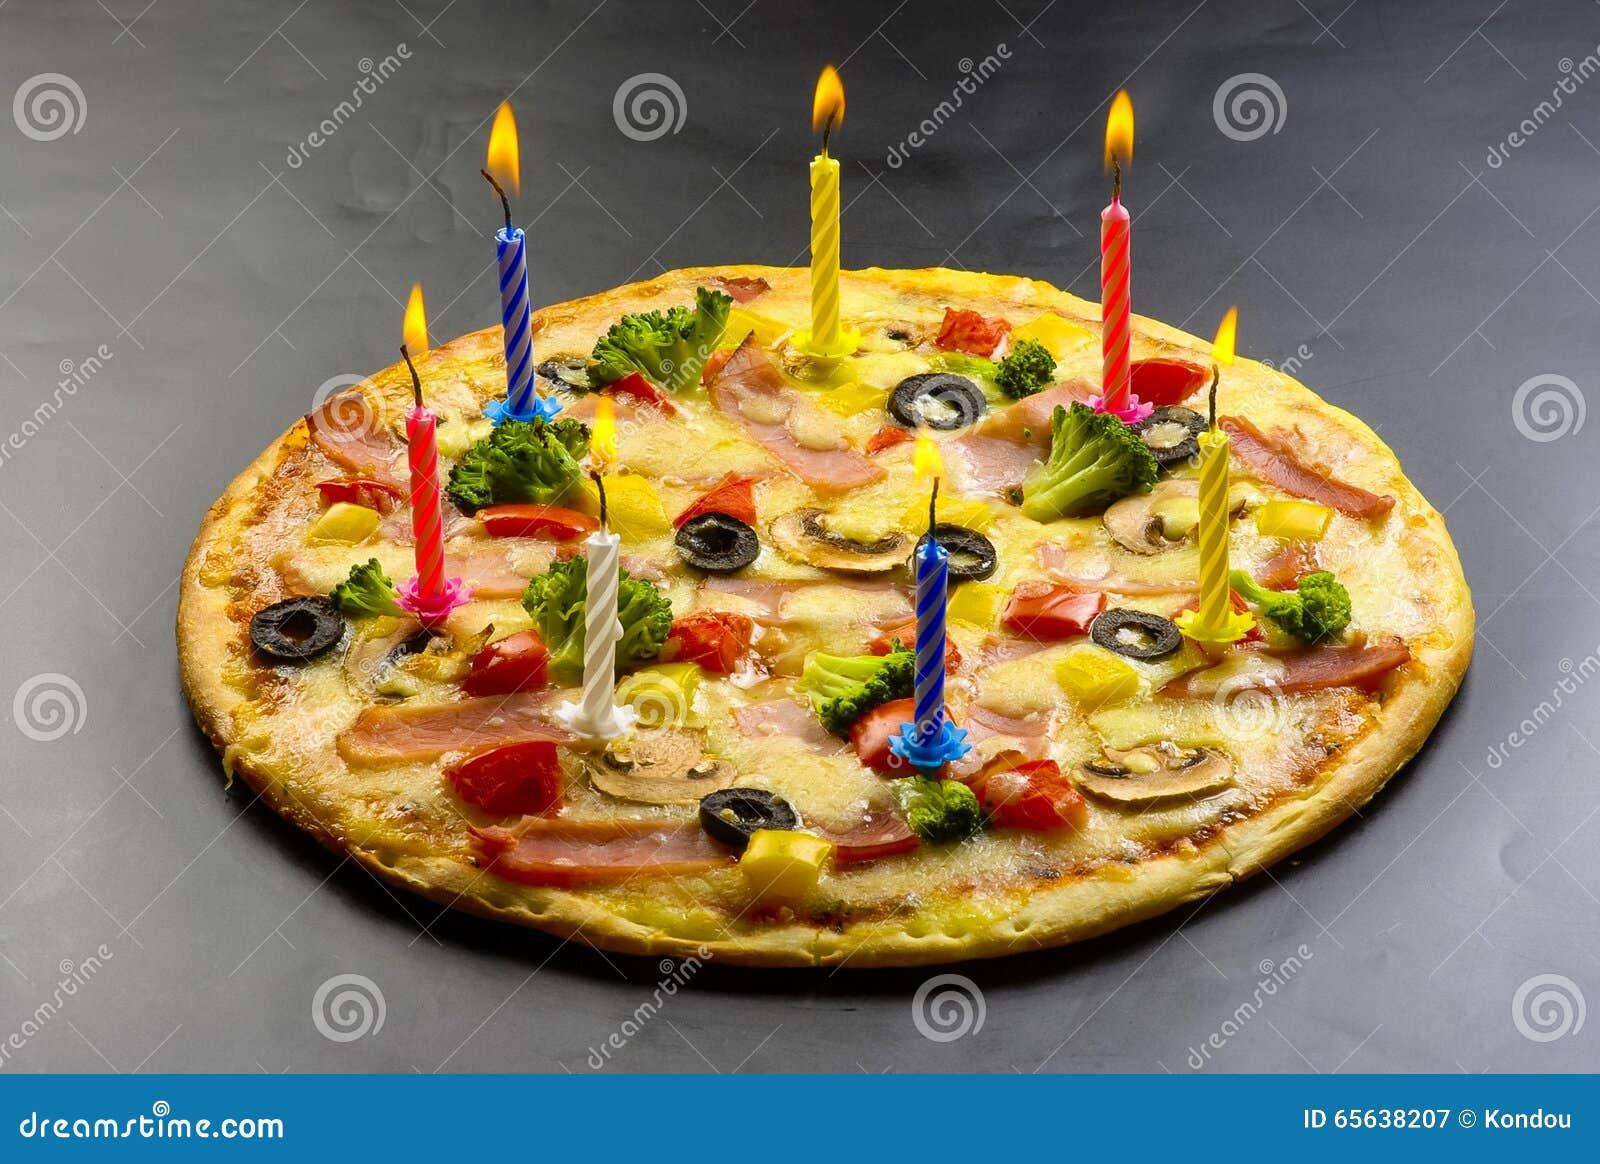 Pizza créative avec des bougies